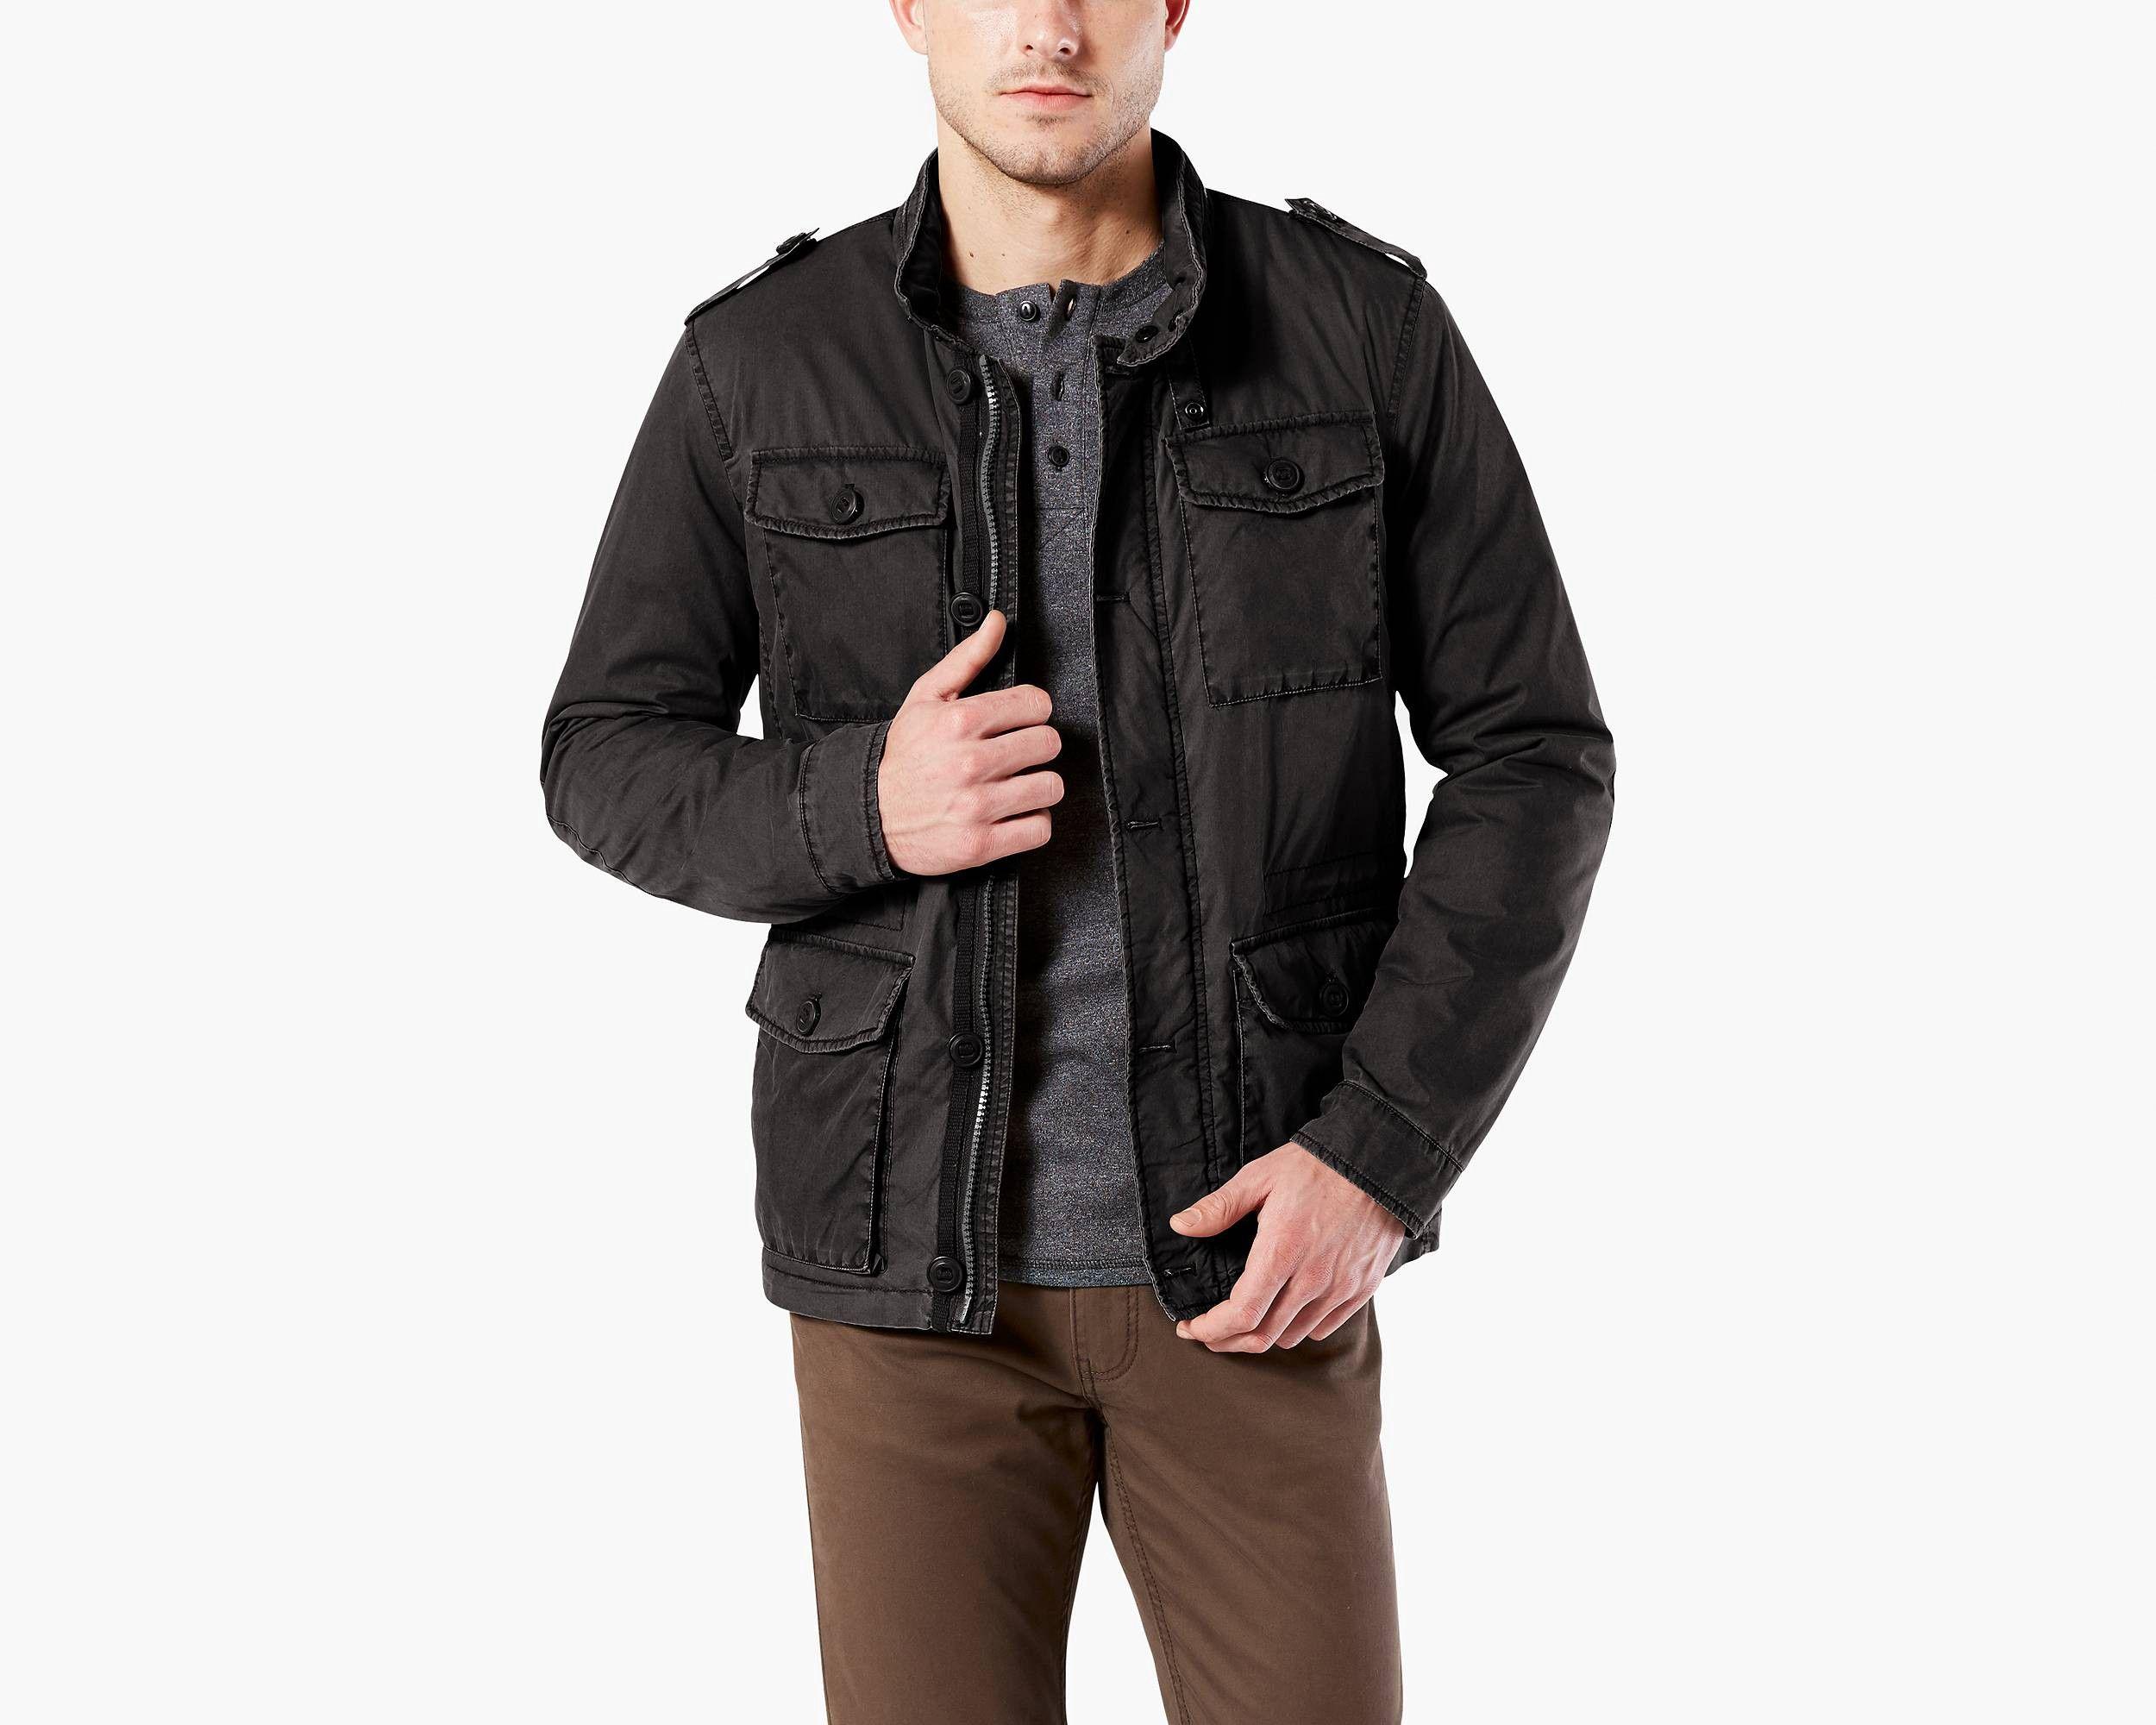 Dockers Field Jacket S Jackets, Field jacket, Military